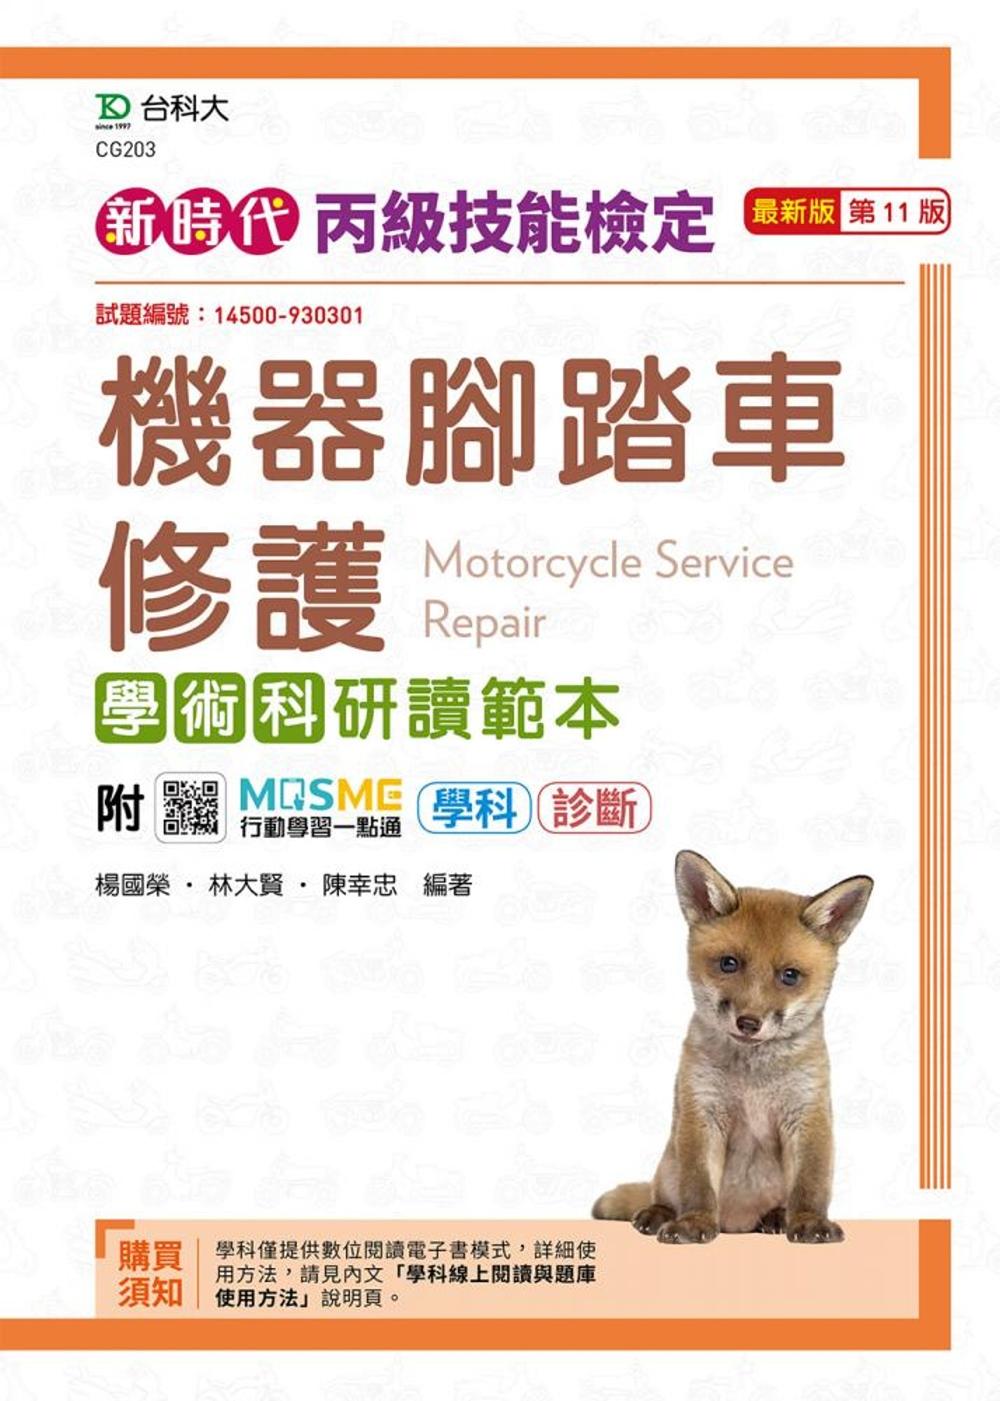 新時代 丙級機器腳踏車修護學術...